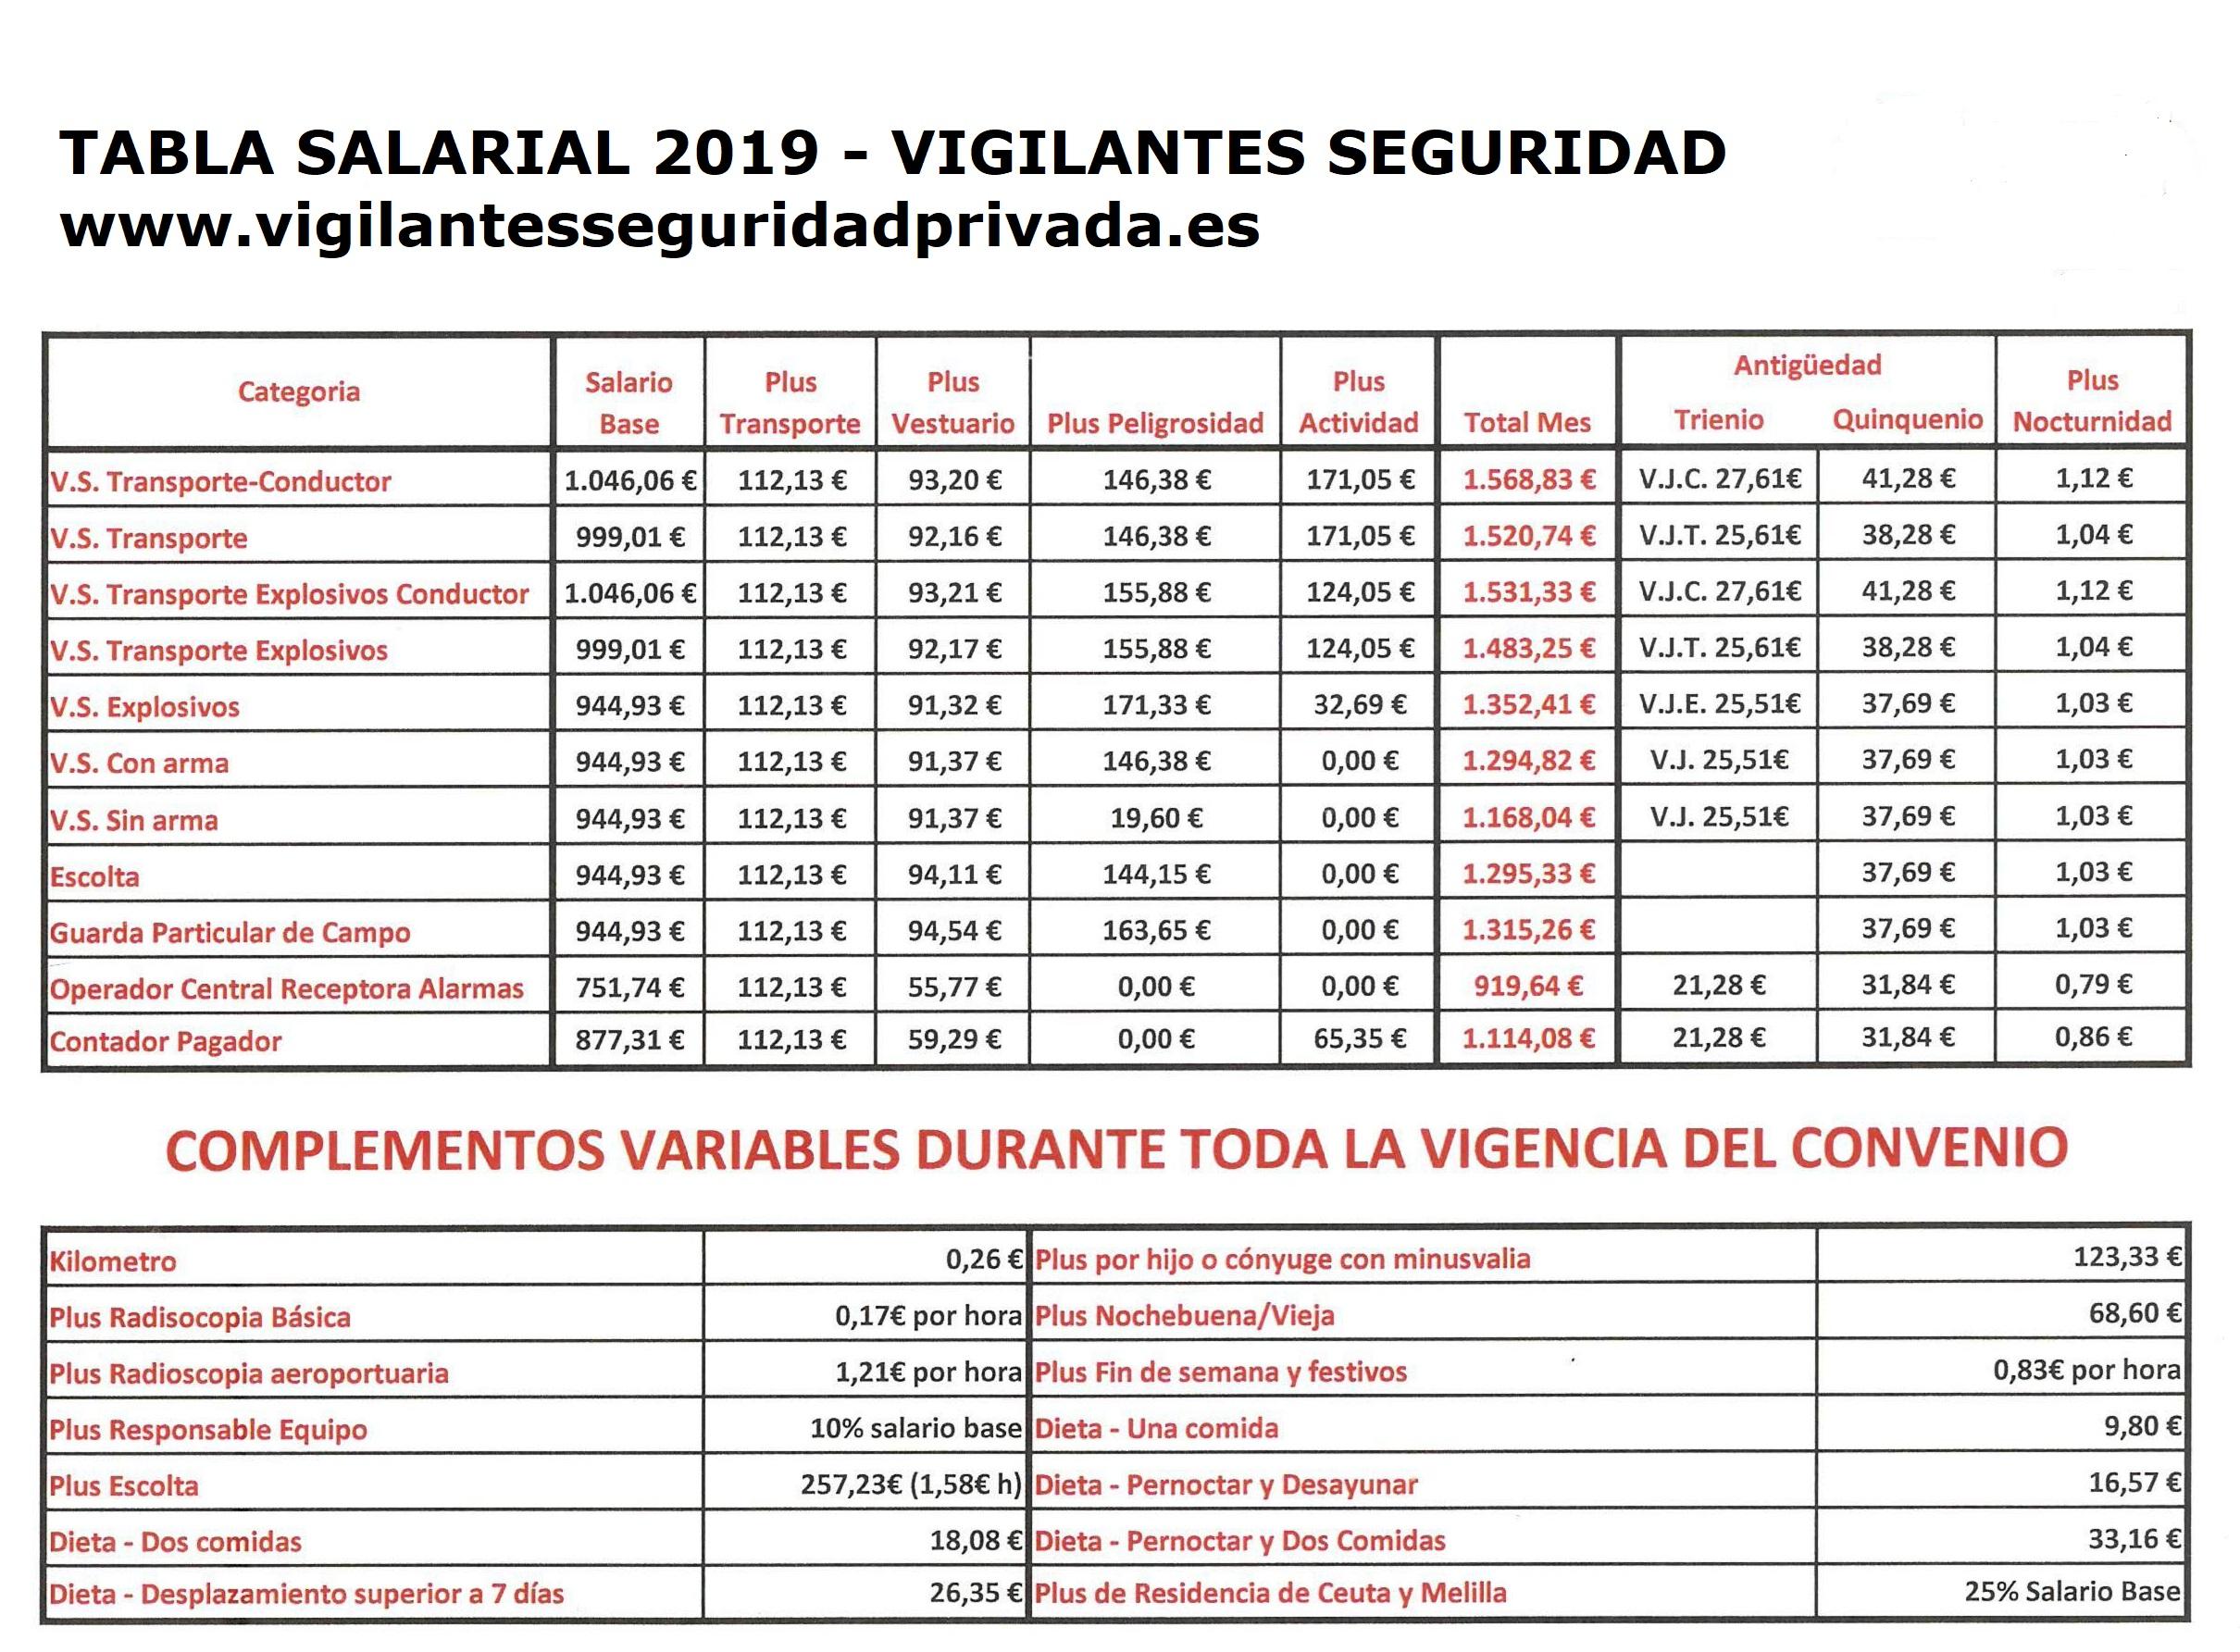 tabla salarial 2019 para vigilantes de seguridad